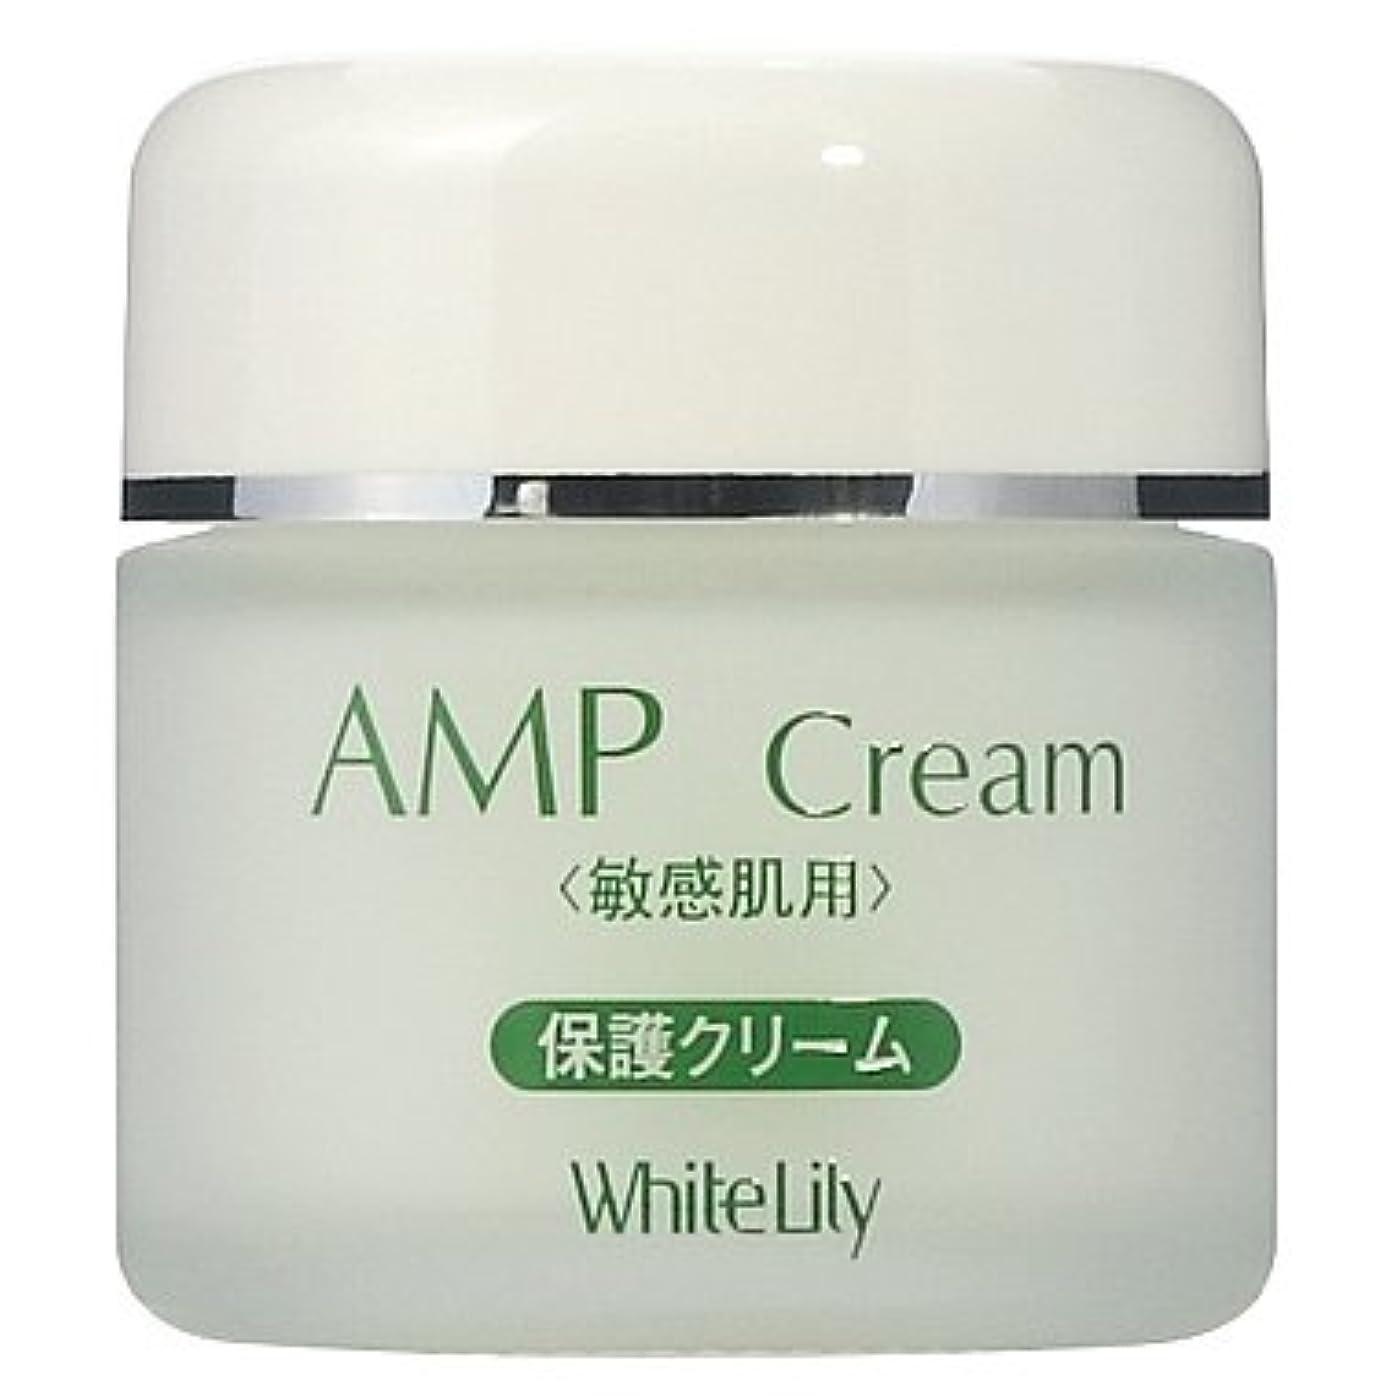 等価あごタバコホワイトリリー AMPクリーム 40g クリーム